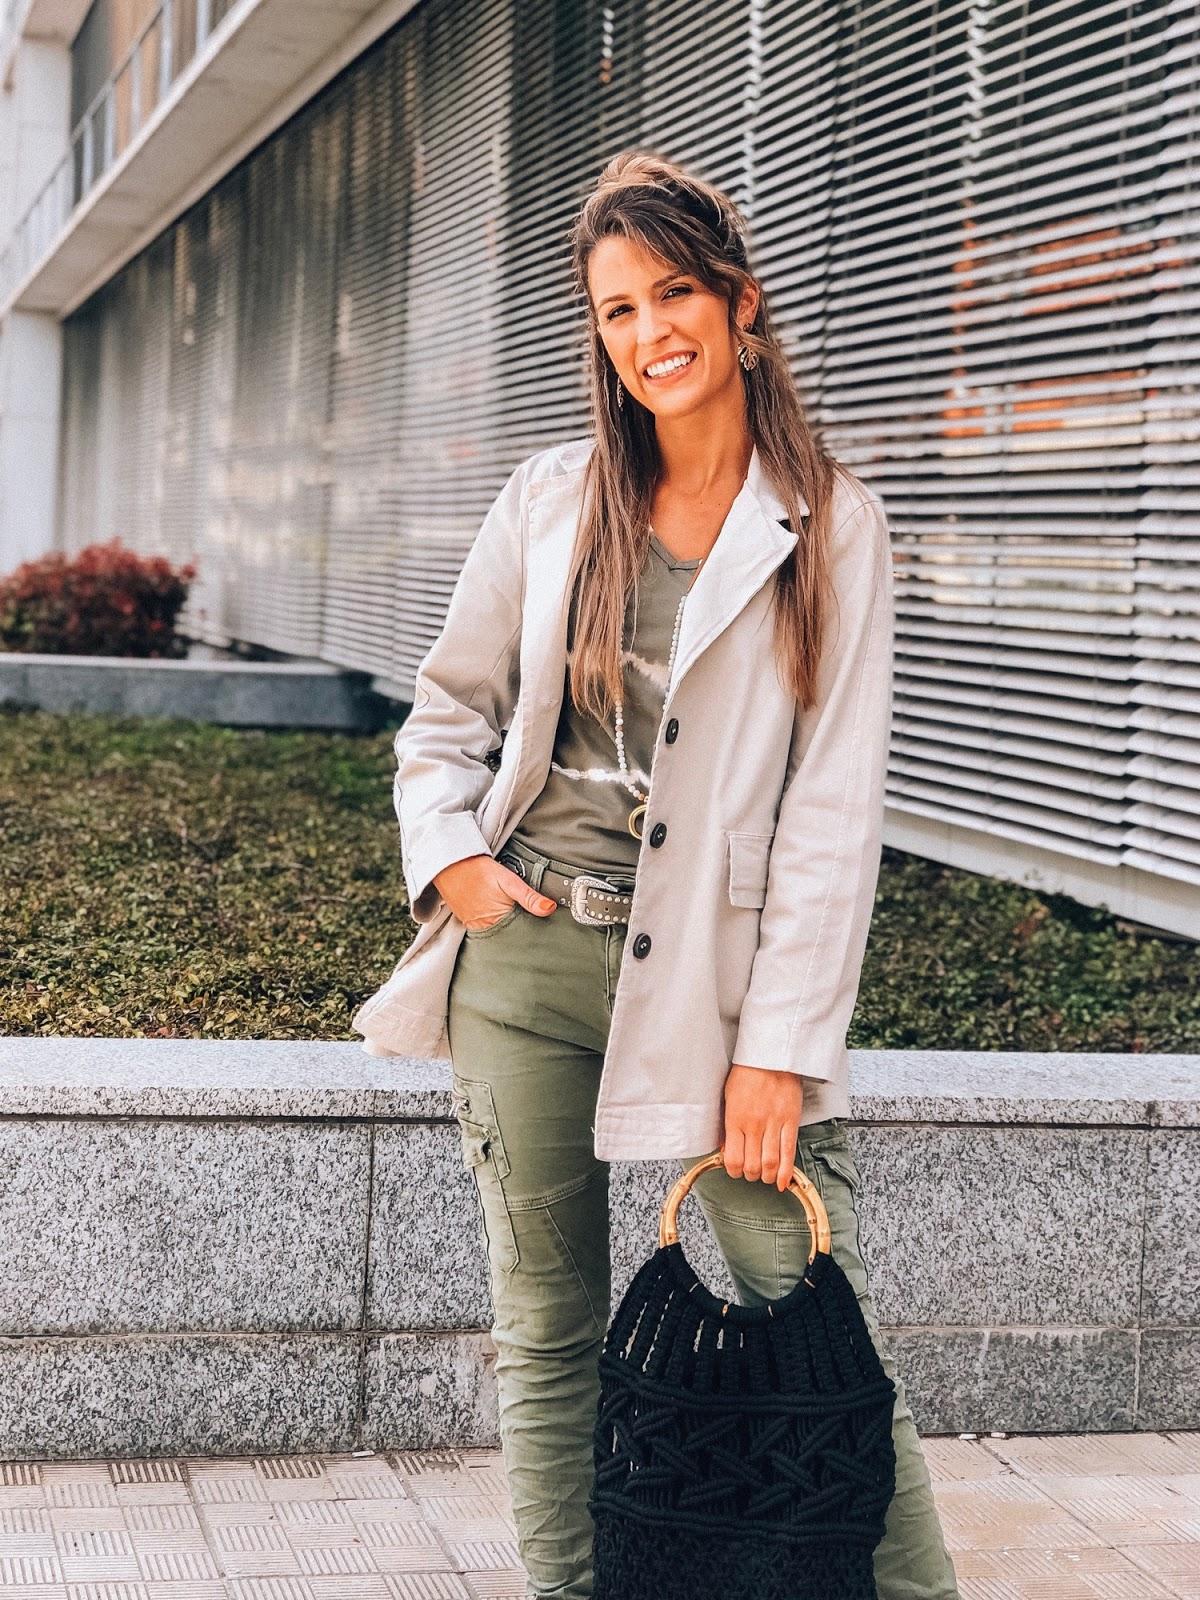 pantalones estilo safari